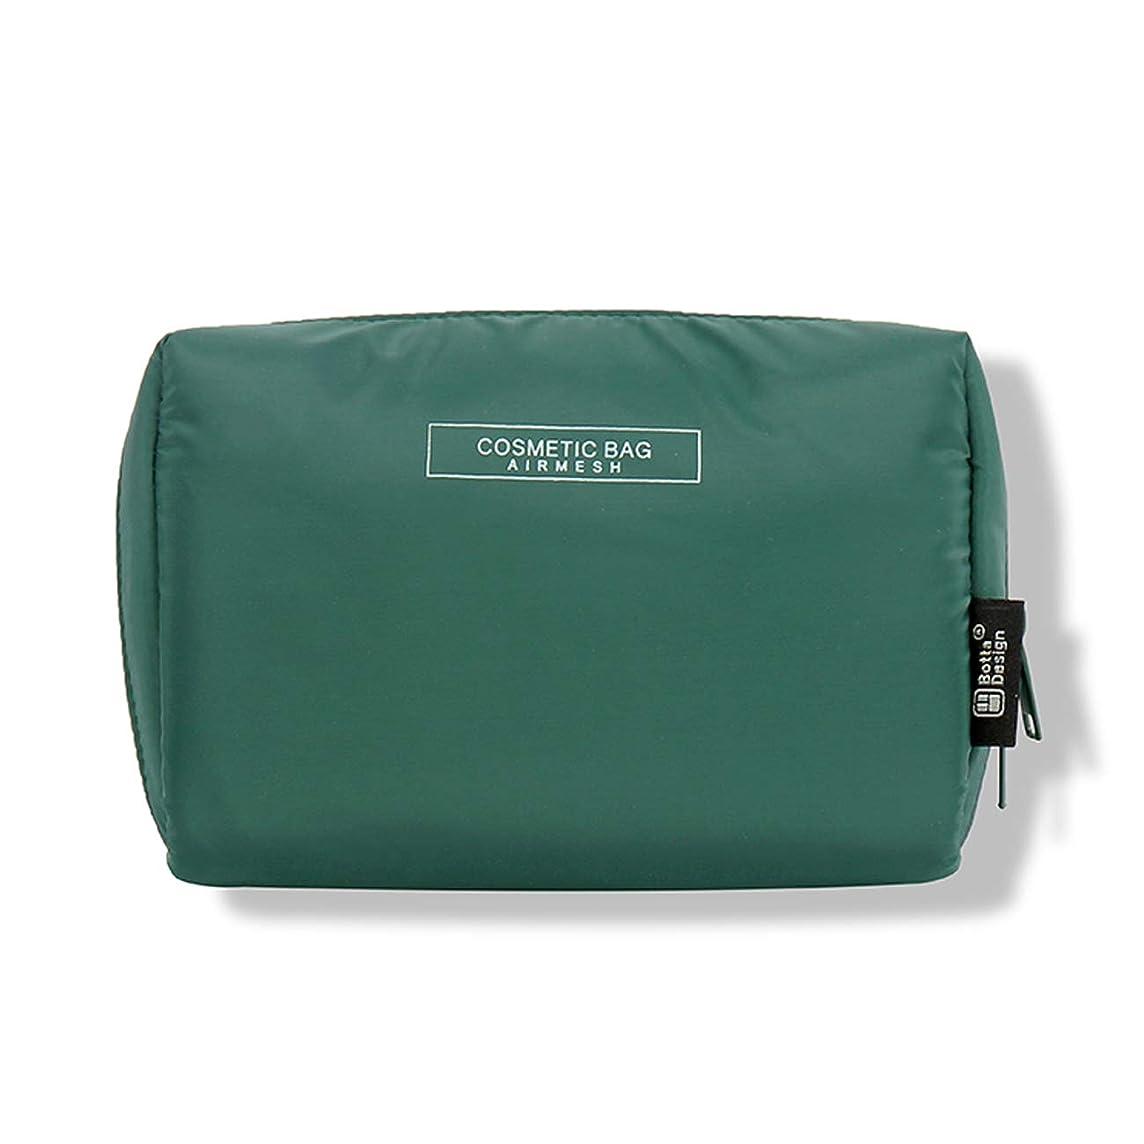 等全員できない化粧ポーチ トイレタリーバッグ トラベルポーチ メイクポーチ ミニ 財布 機能的 大容量 化粧品収納 小物入れ 普段使い 出張 旅行 メイク ブラシ バッグ 化粧バッグ